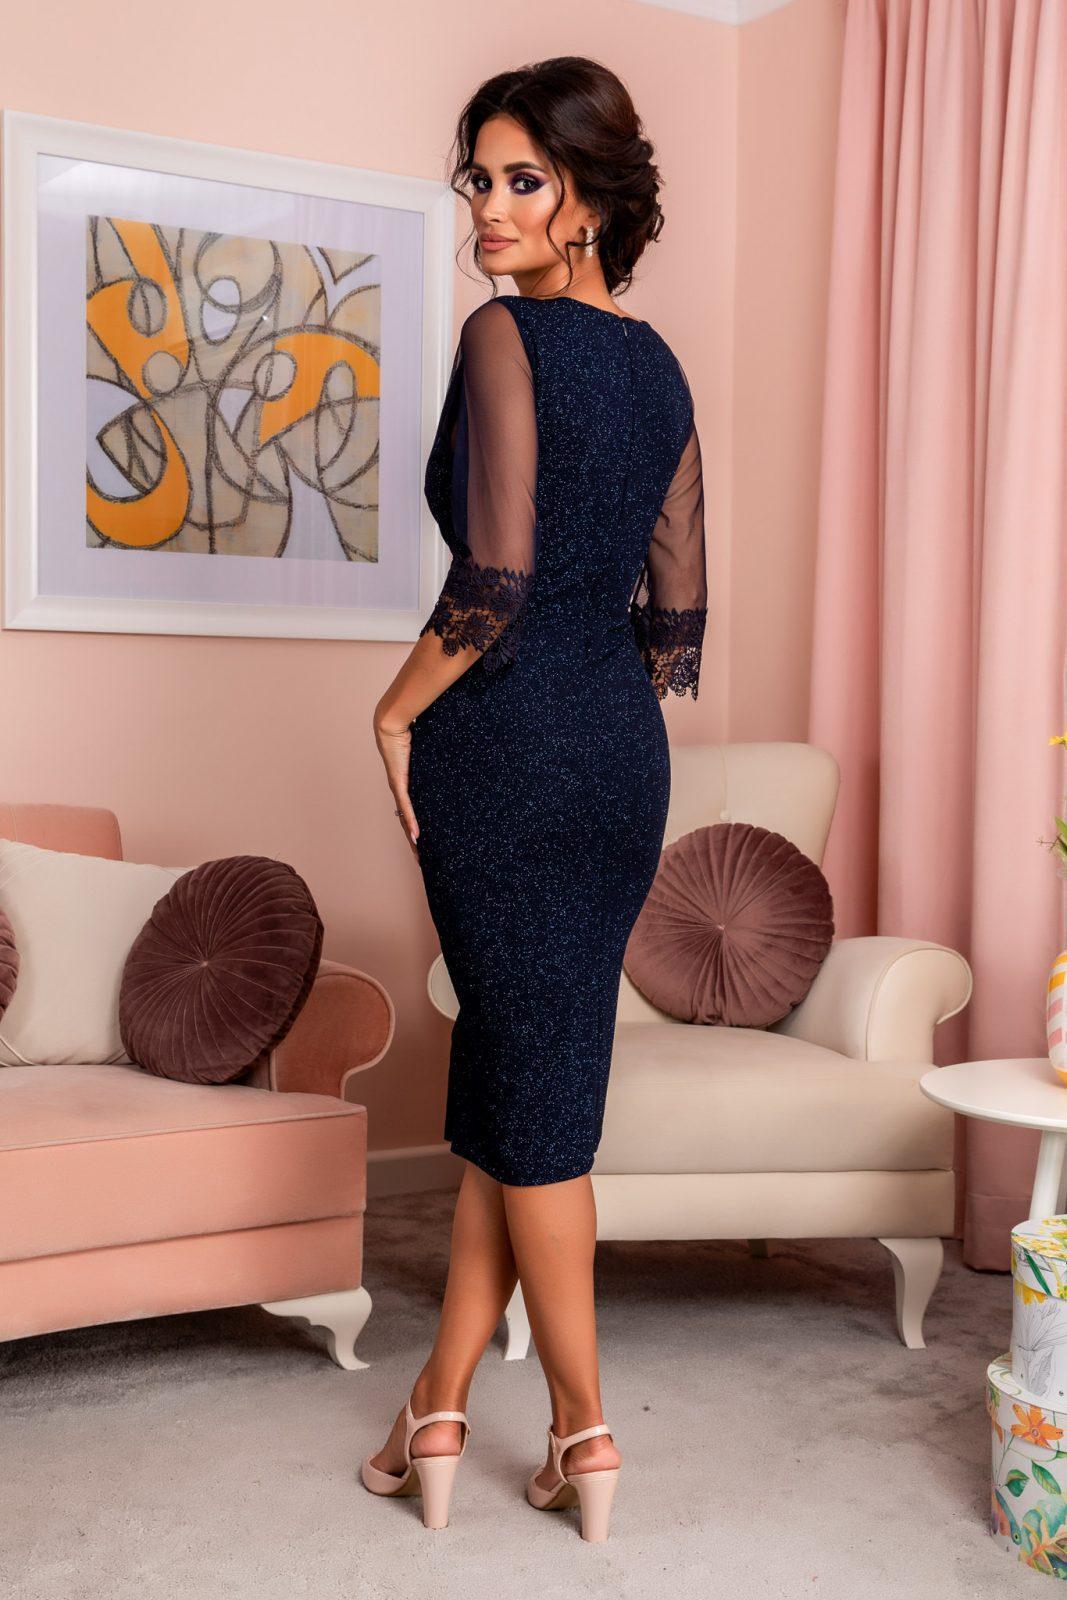 Μπλε Κρουαζέ Βραδινό Φόρεμα Opra 8238